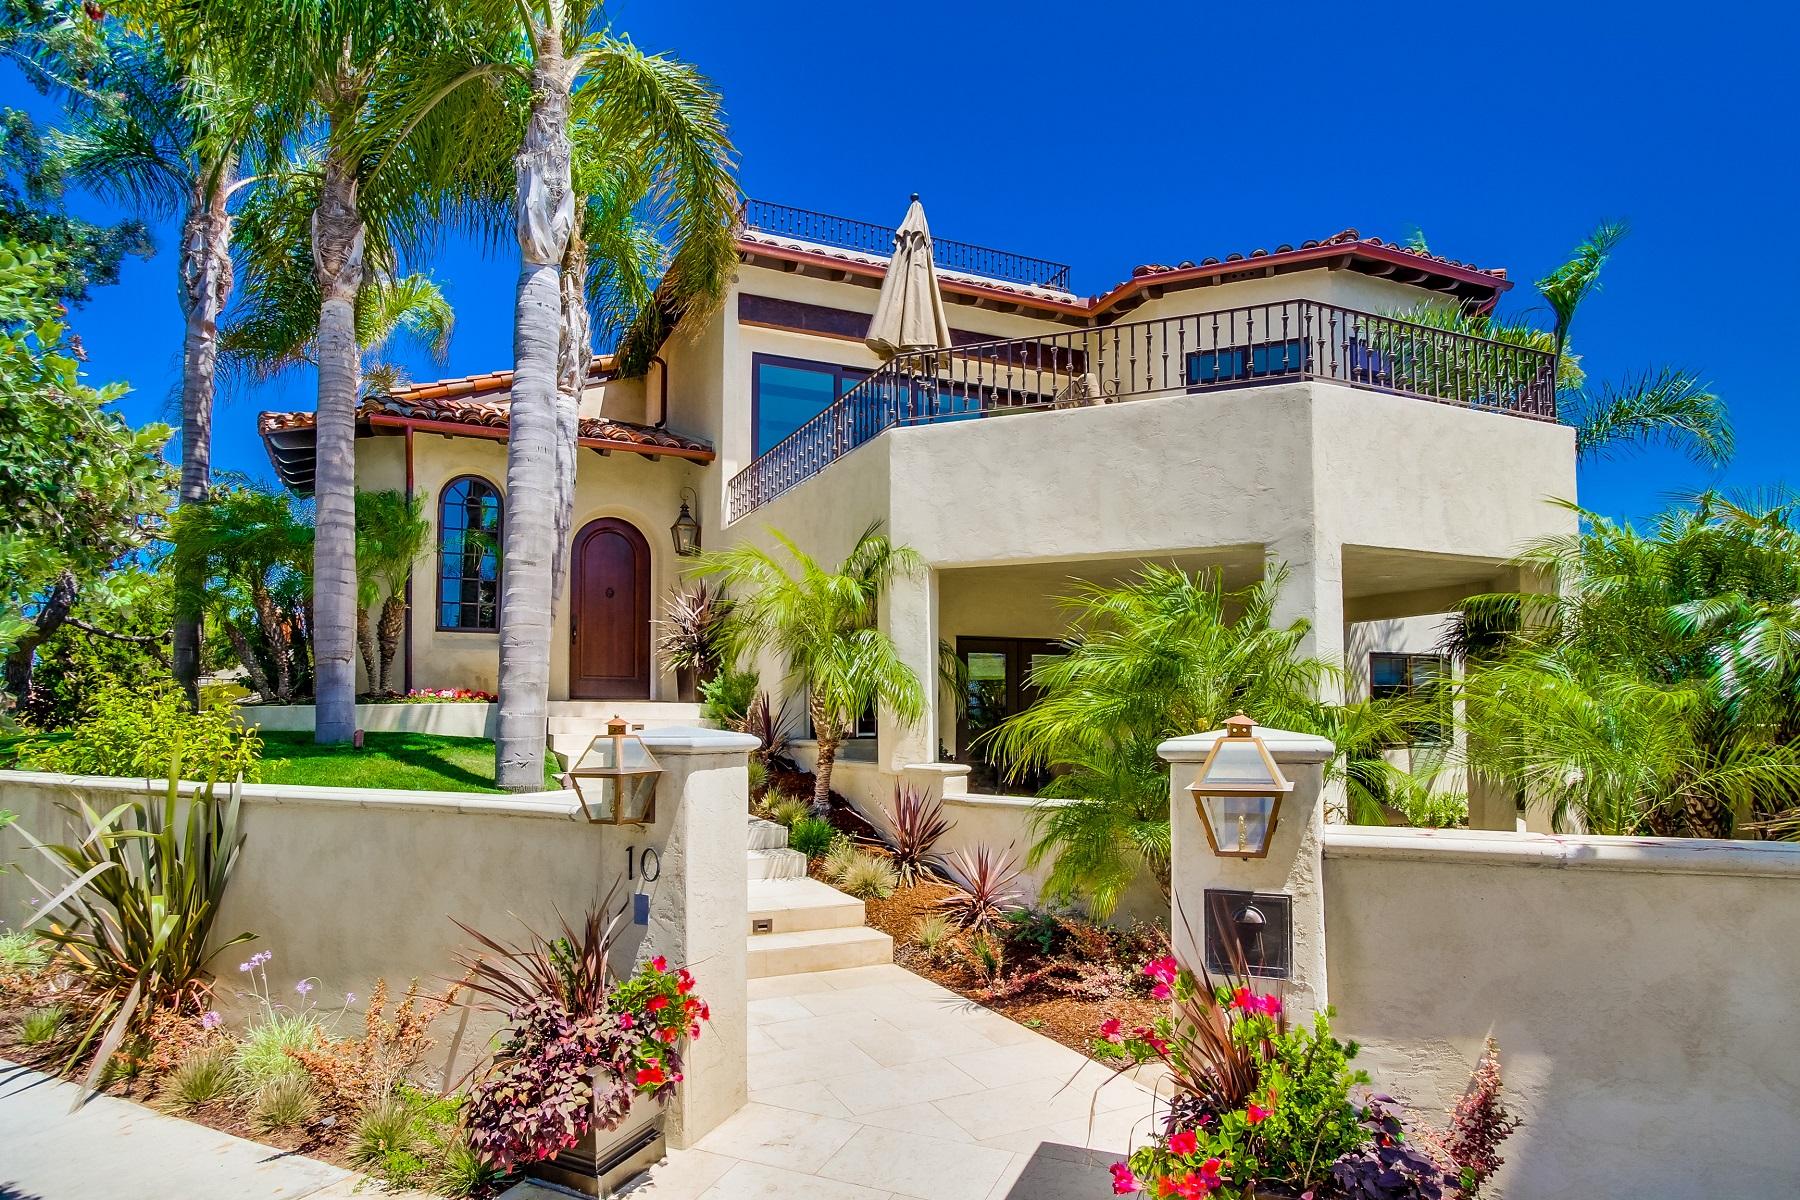 Casa Unifamiliar por un Venta en 10 Ocean Court Coronado, California 92118 Estados Unidos